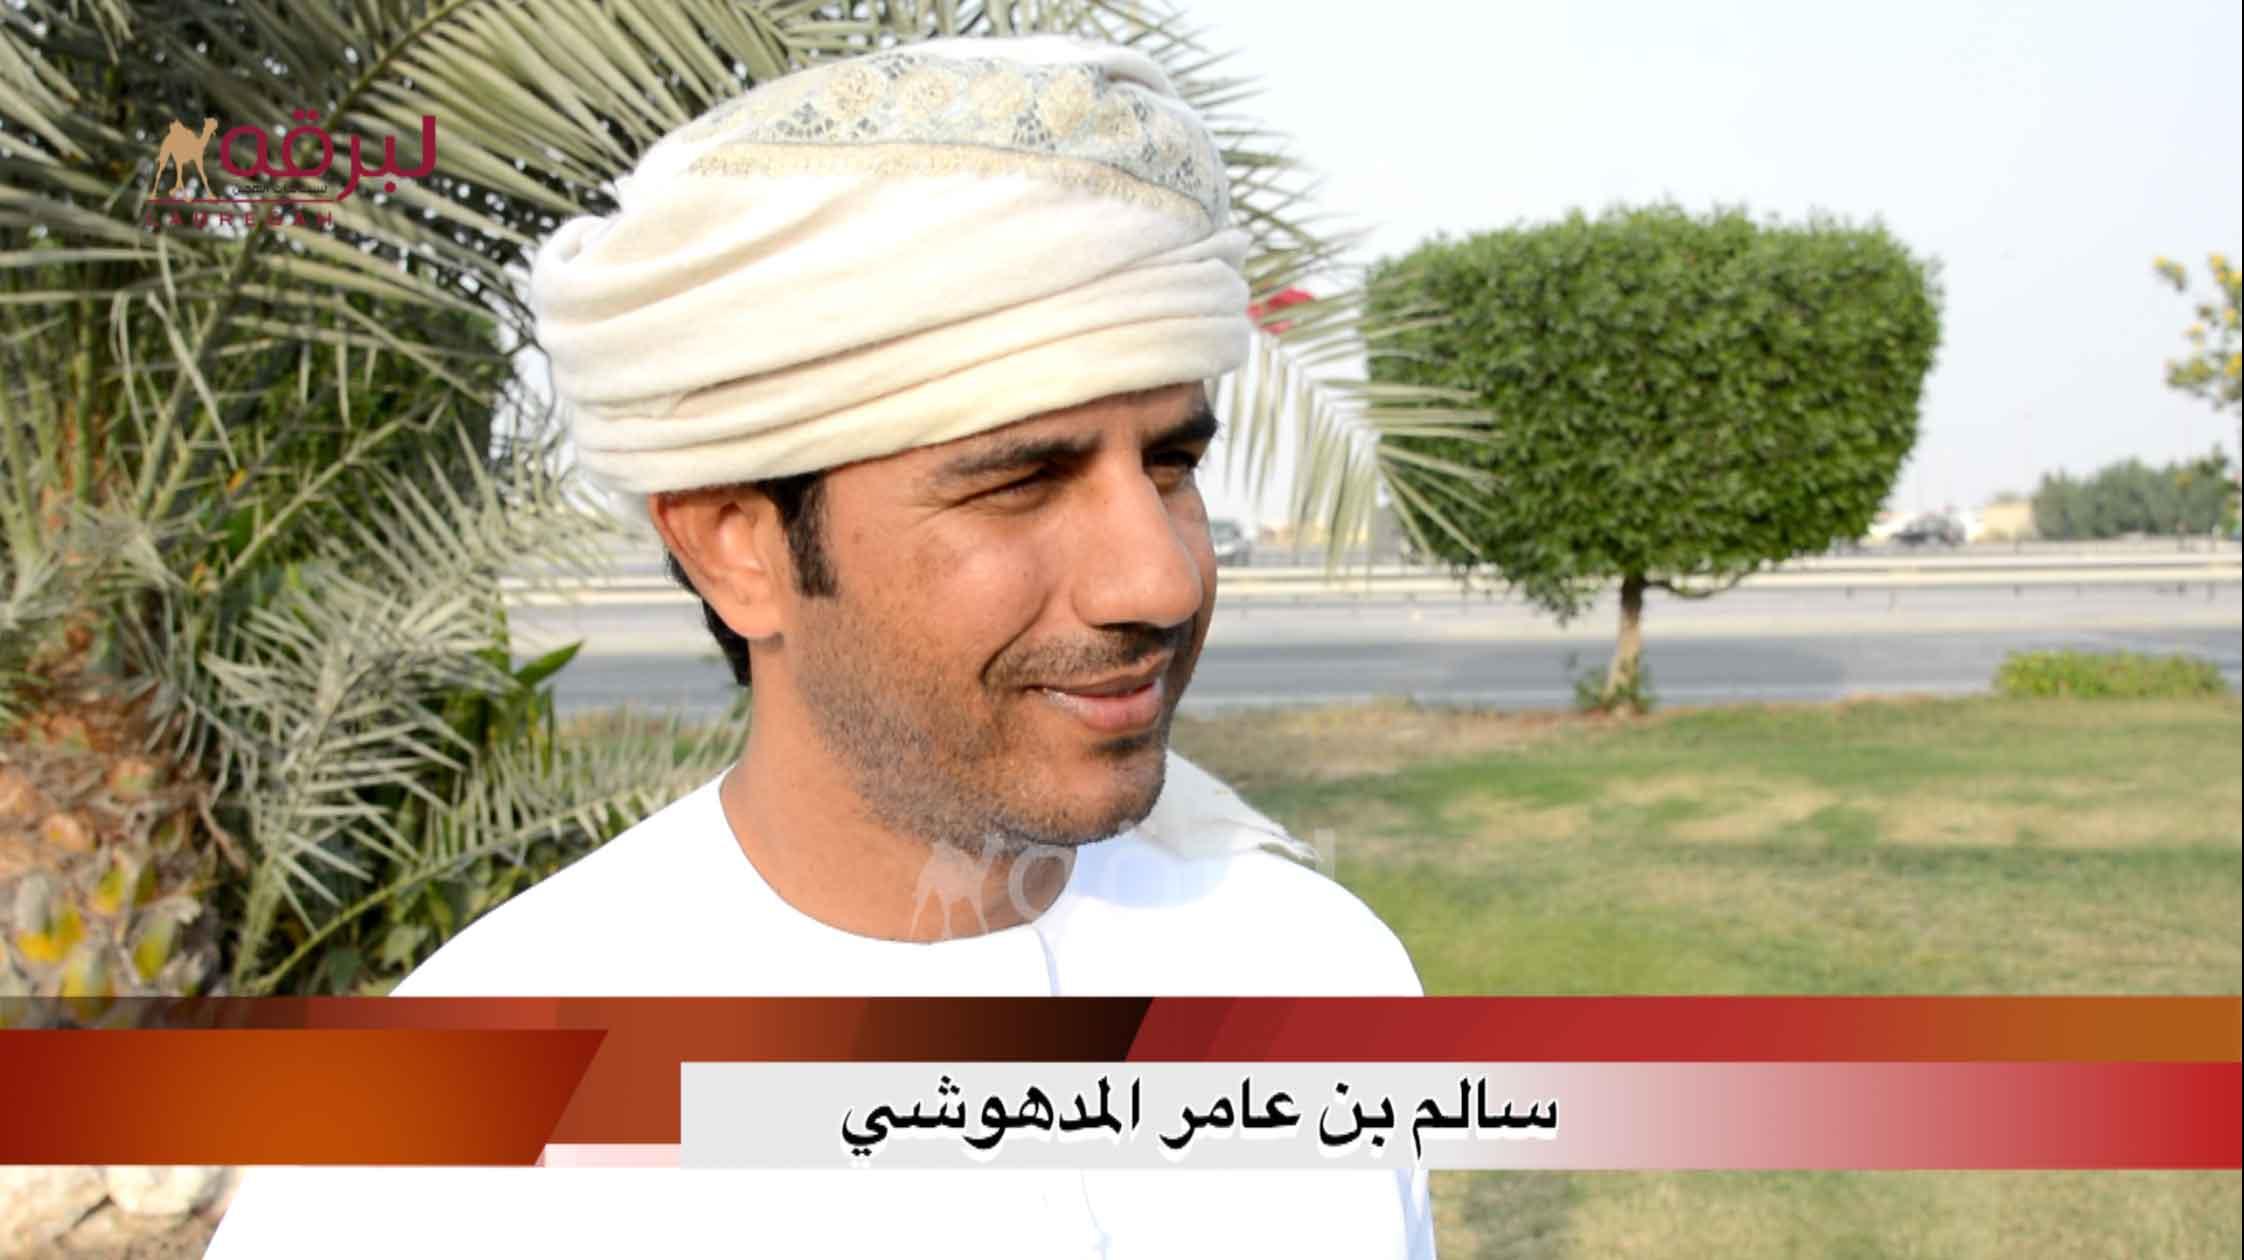 لقاء مع سالم بن عامر المدهوشي.. الشلفتين الذهبيتين للقايا بكار « مفتوح وعمانيات » الأشواط المفتوحة ٣٠-١١-٢٠٢٠